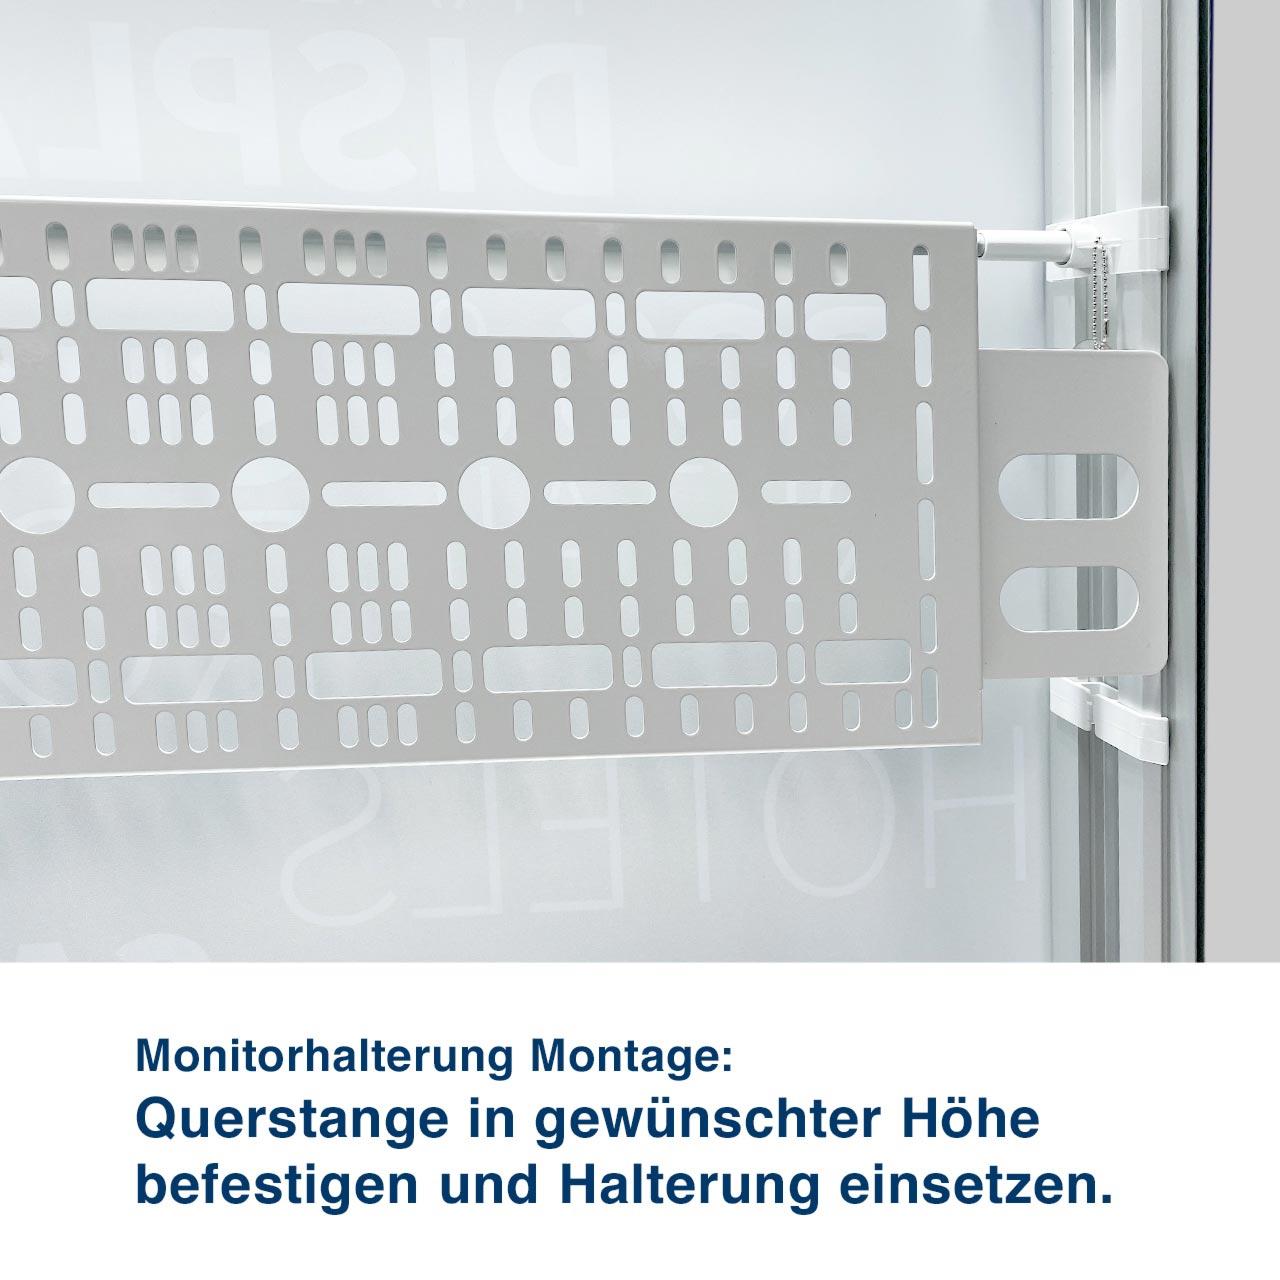 Monitorhalterung Montage:  Querstange in gewünschter Höhe  befestigen und Halterung einsetzen.